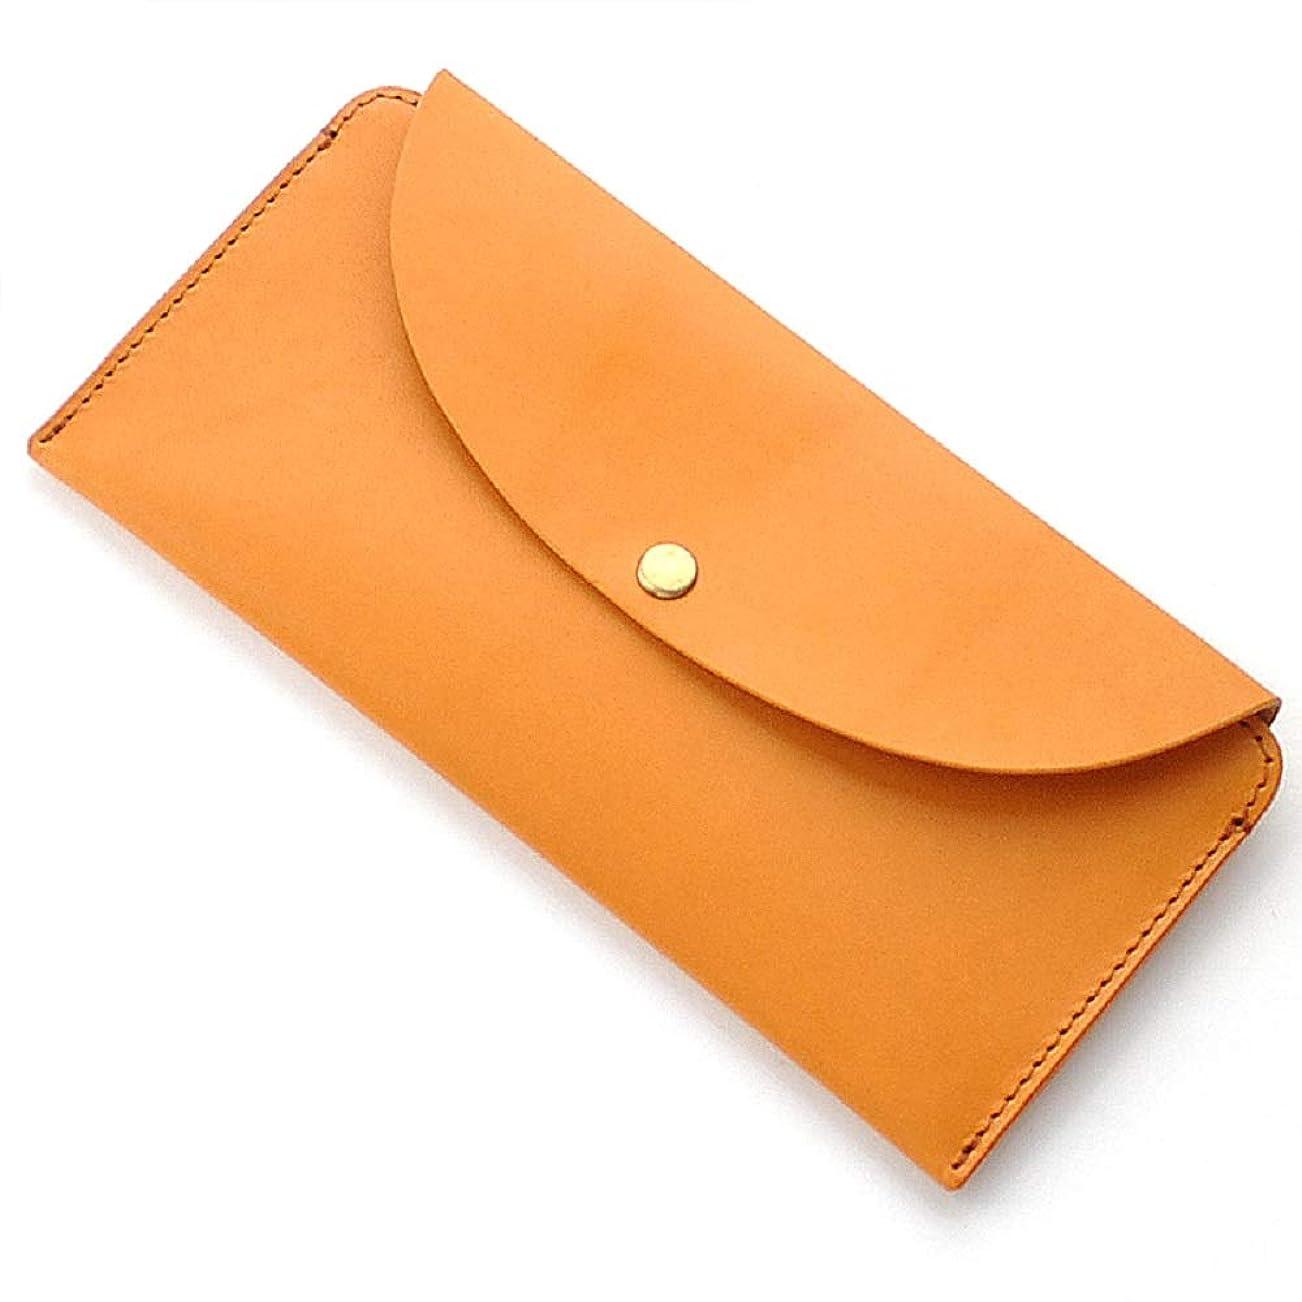 オフ母性収穫日本製 栃木レザー 長財布 ビジネス クラッチバッグ スリム財布